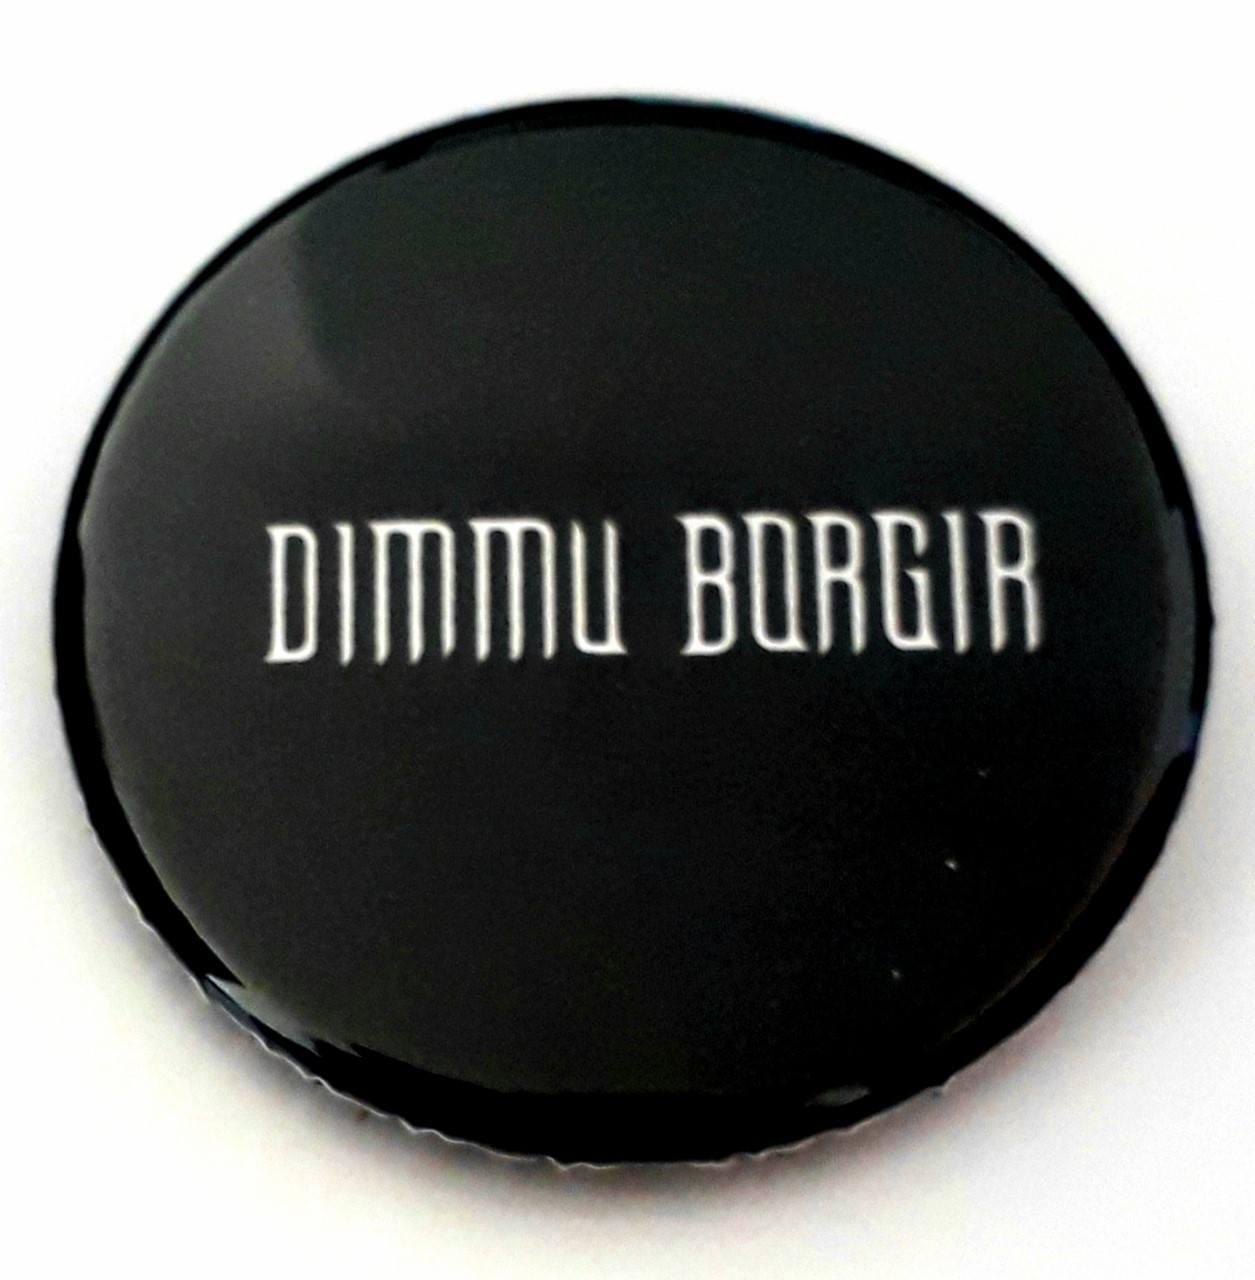 Botton Favartes Dimmu Borgir